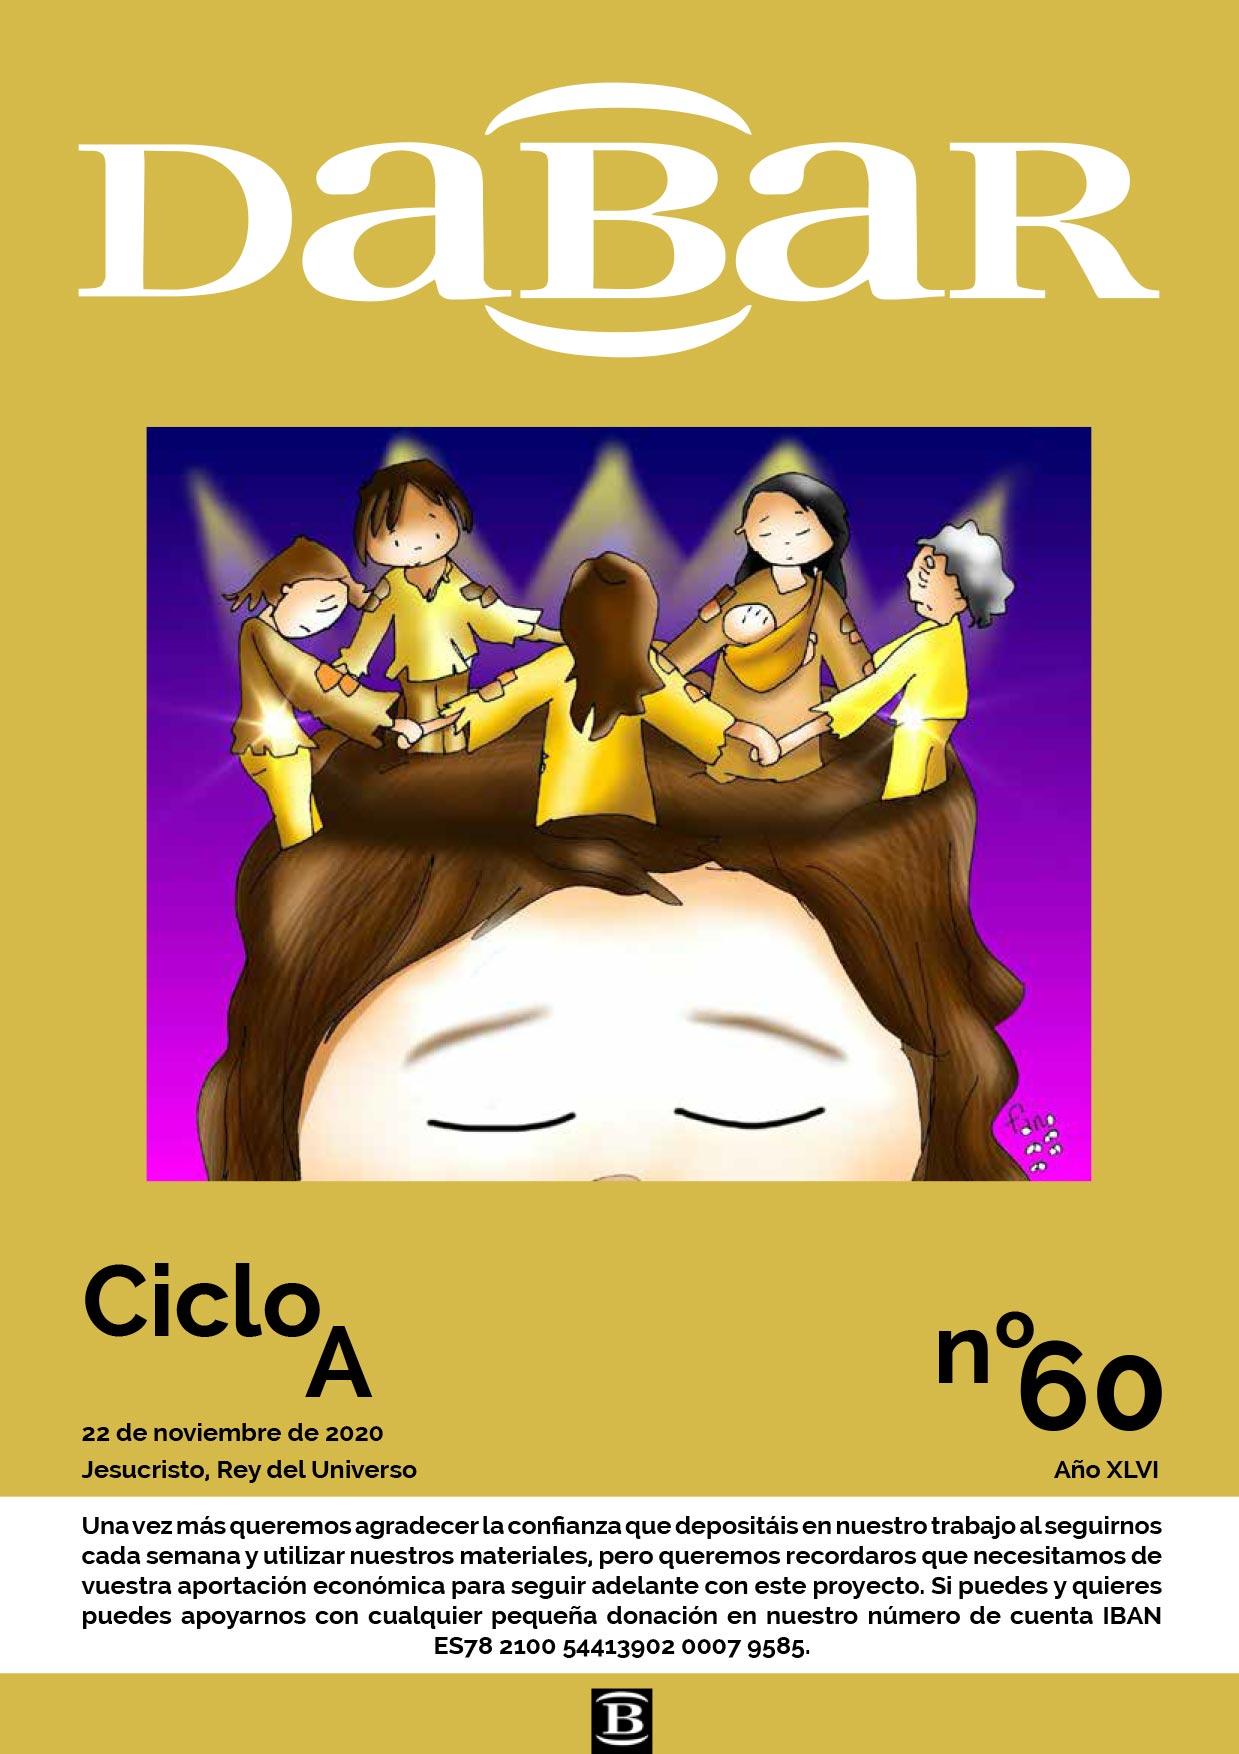 Dabar Revista numero 60 ciclo A